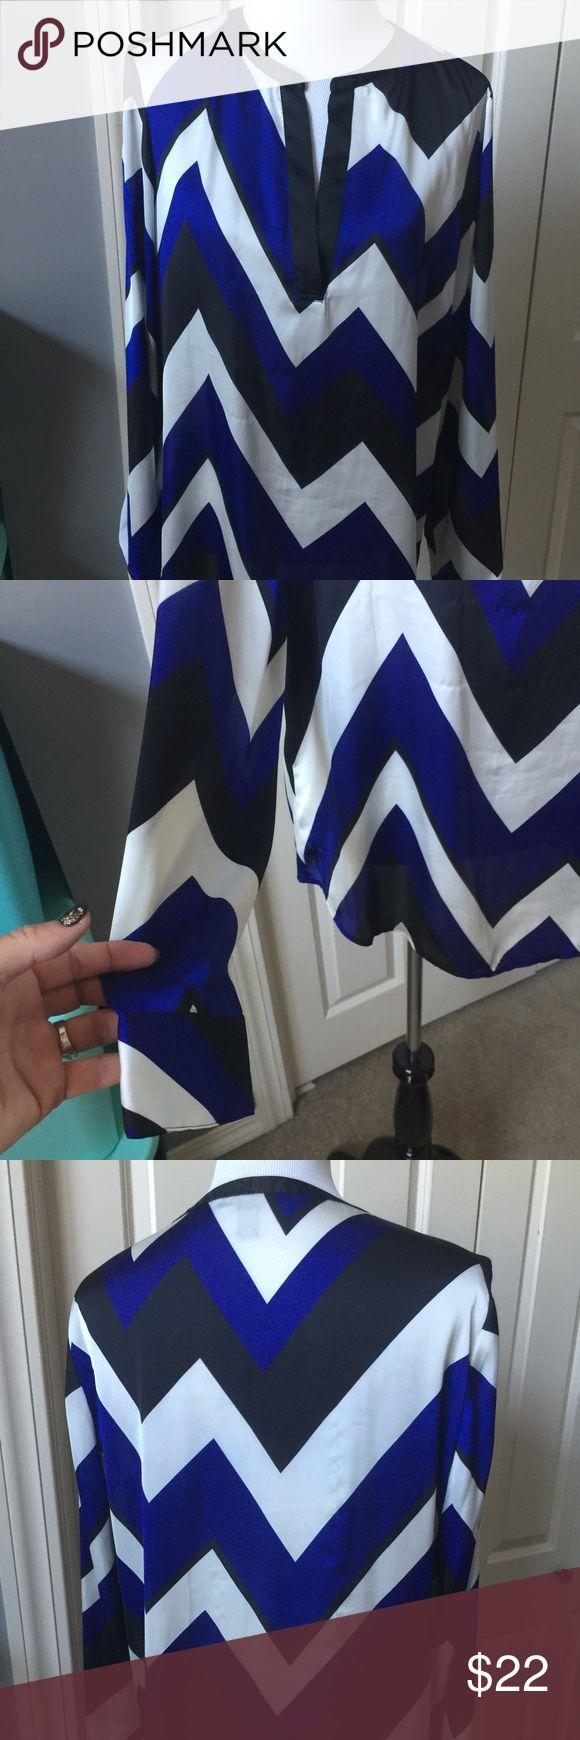 Black blue and white chevron blouse 100% polyester Lauren Ralph Lauren Tops Blouses